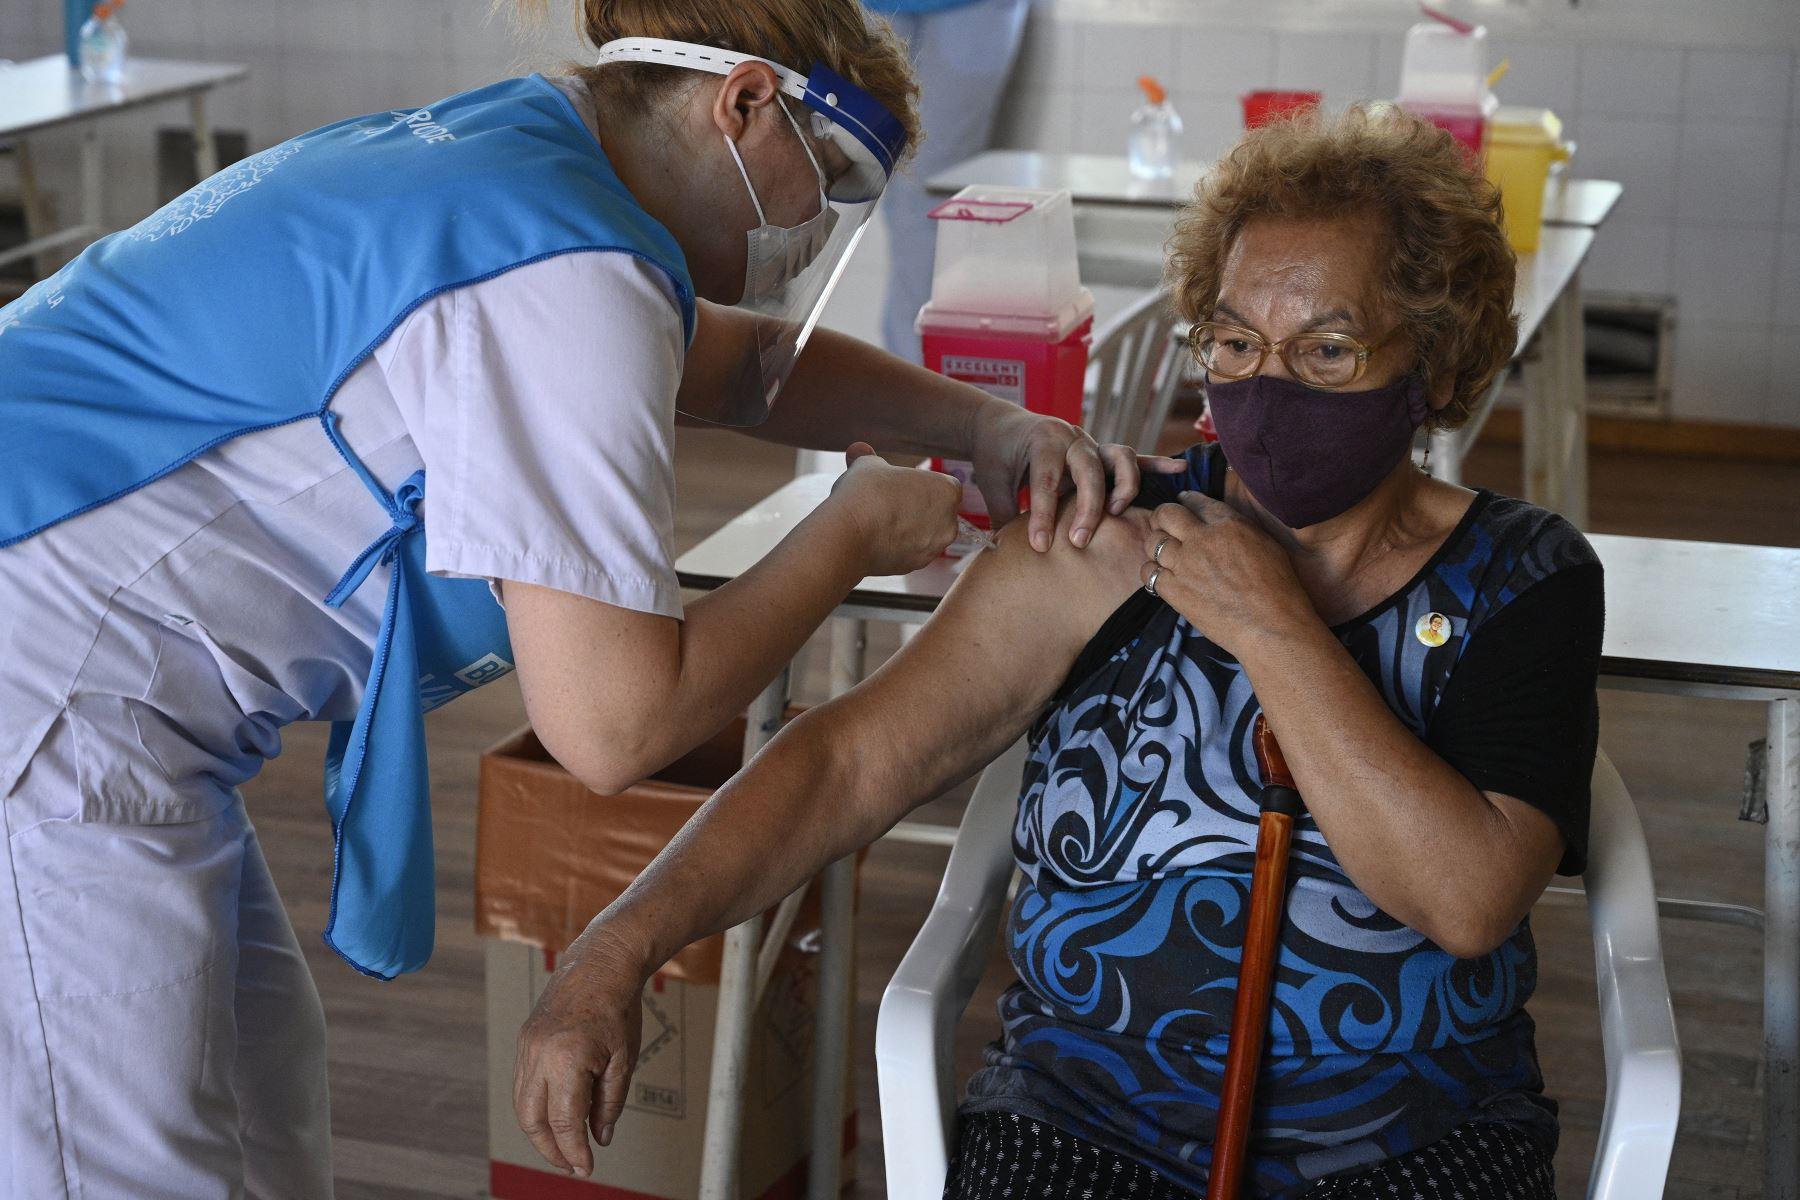 Un trabajador de salud aplica una dosis de la vacuna Sputnik V contra Covid-19, a una anciana en un centro de vacunación temporal en una escuela pública en Ezeiza, en las afueras de Buenos Aires, el 18 de febrero de 2021. Foto: AFP